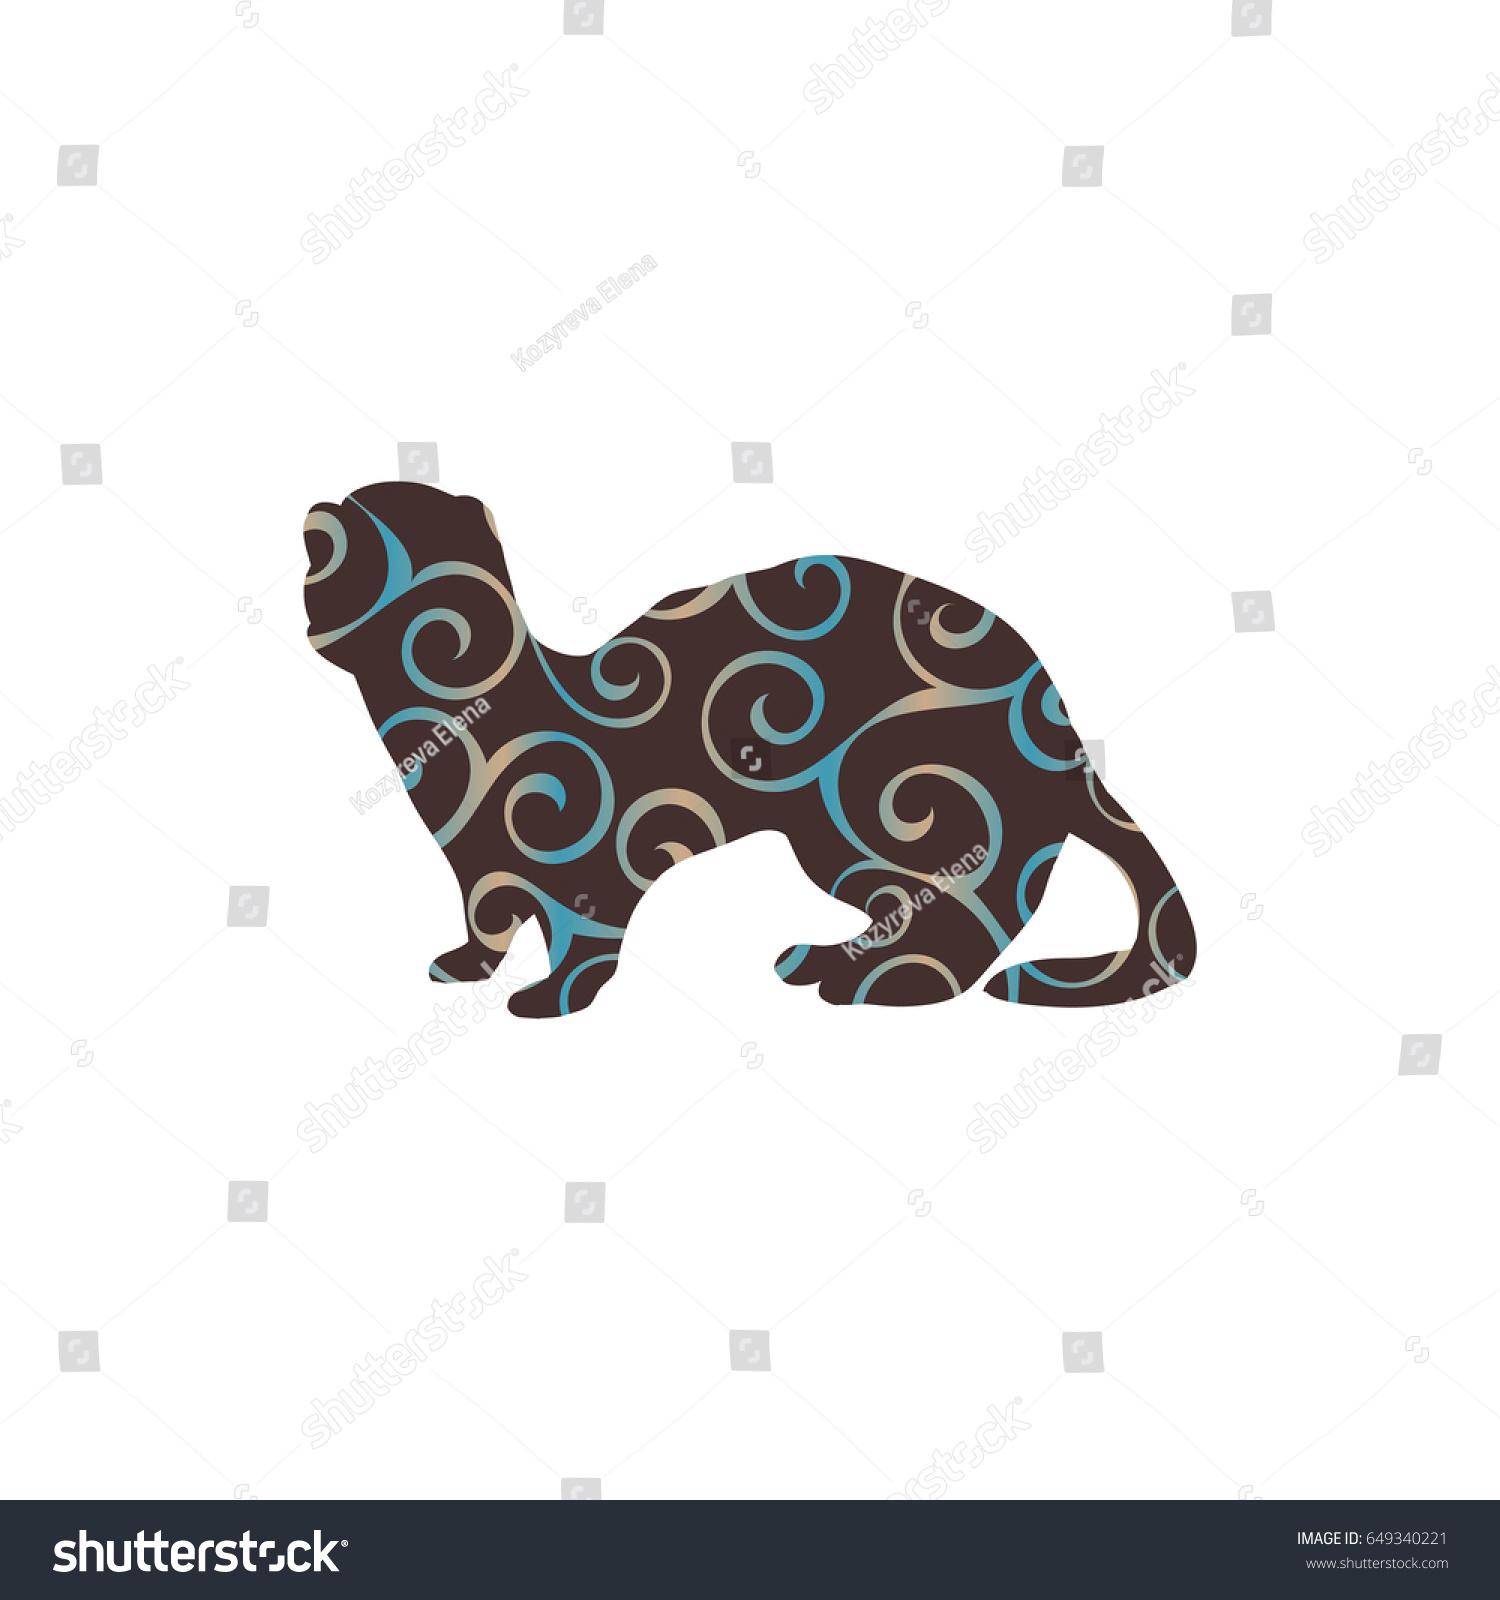 Ferret Weasel Ermine Mammal Color Silhouette Stock Vector